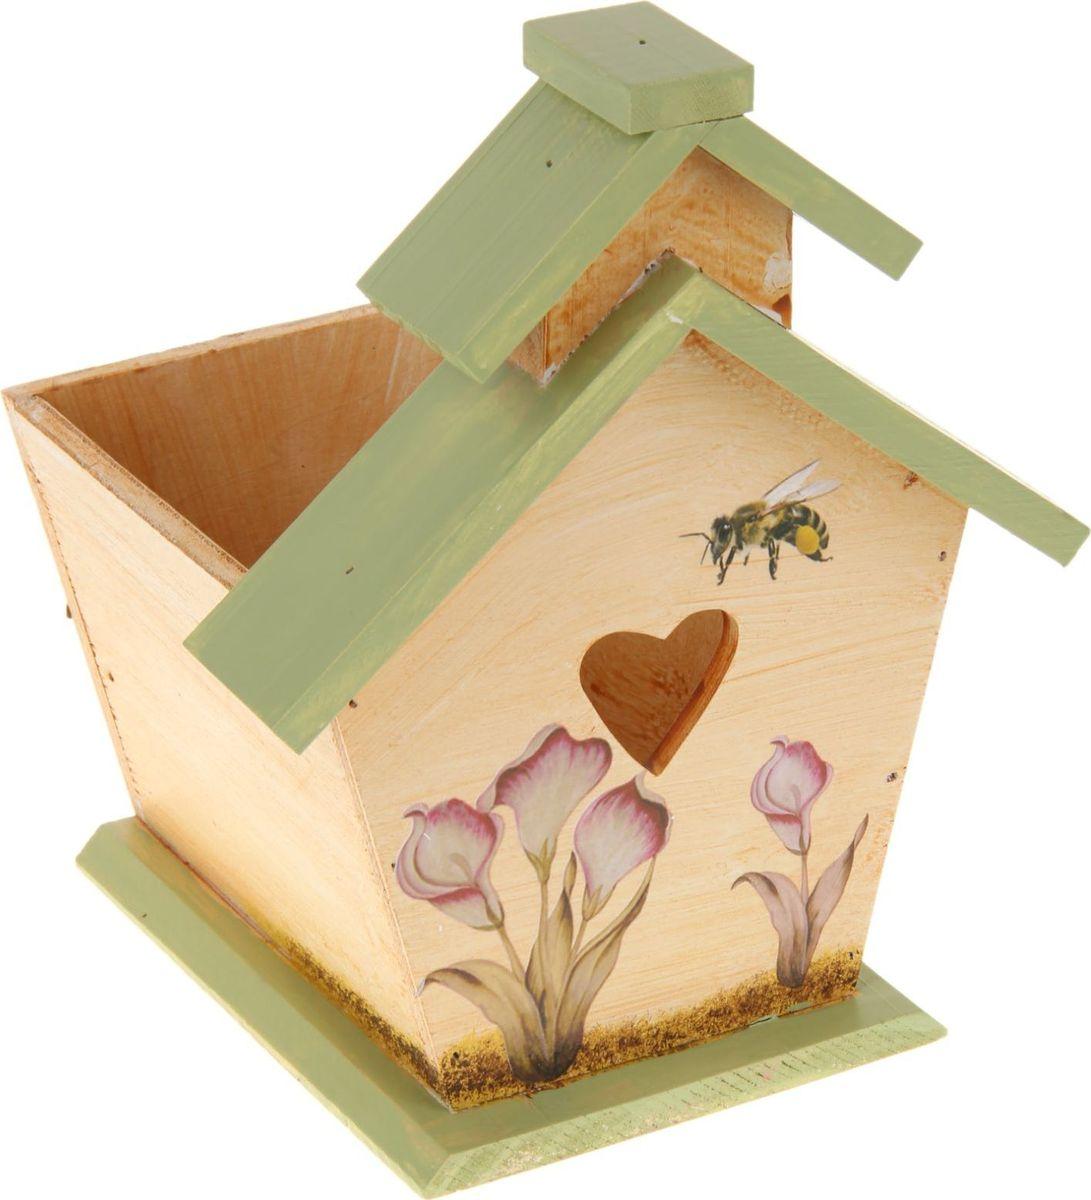 Кашпо Скворечник, с двойной крышей, 20 х 17 х 25 см1262292Комнатные растения — всеобщие любимцы. Они радуют глаз, насыщают помещение кислородом и украшают пространство. Каждому из растений необходим свой удобный и красивый дом. Поселите зеленого питомца в яркое и оригинальное фигурное кашпо. Выберите подходящую форму для детской, спальни, гостиной, балкона, офиса или террасы. позаботится о растении, украсит окружающее пространство и подчеркнет его оригинальный стиль.